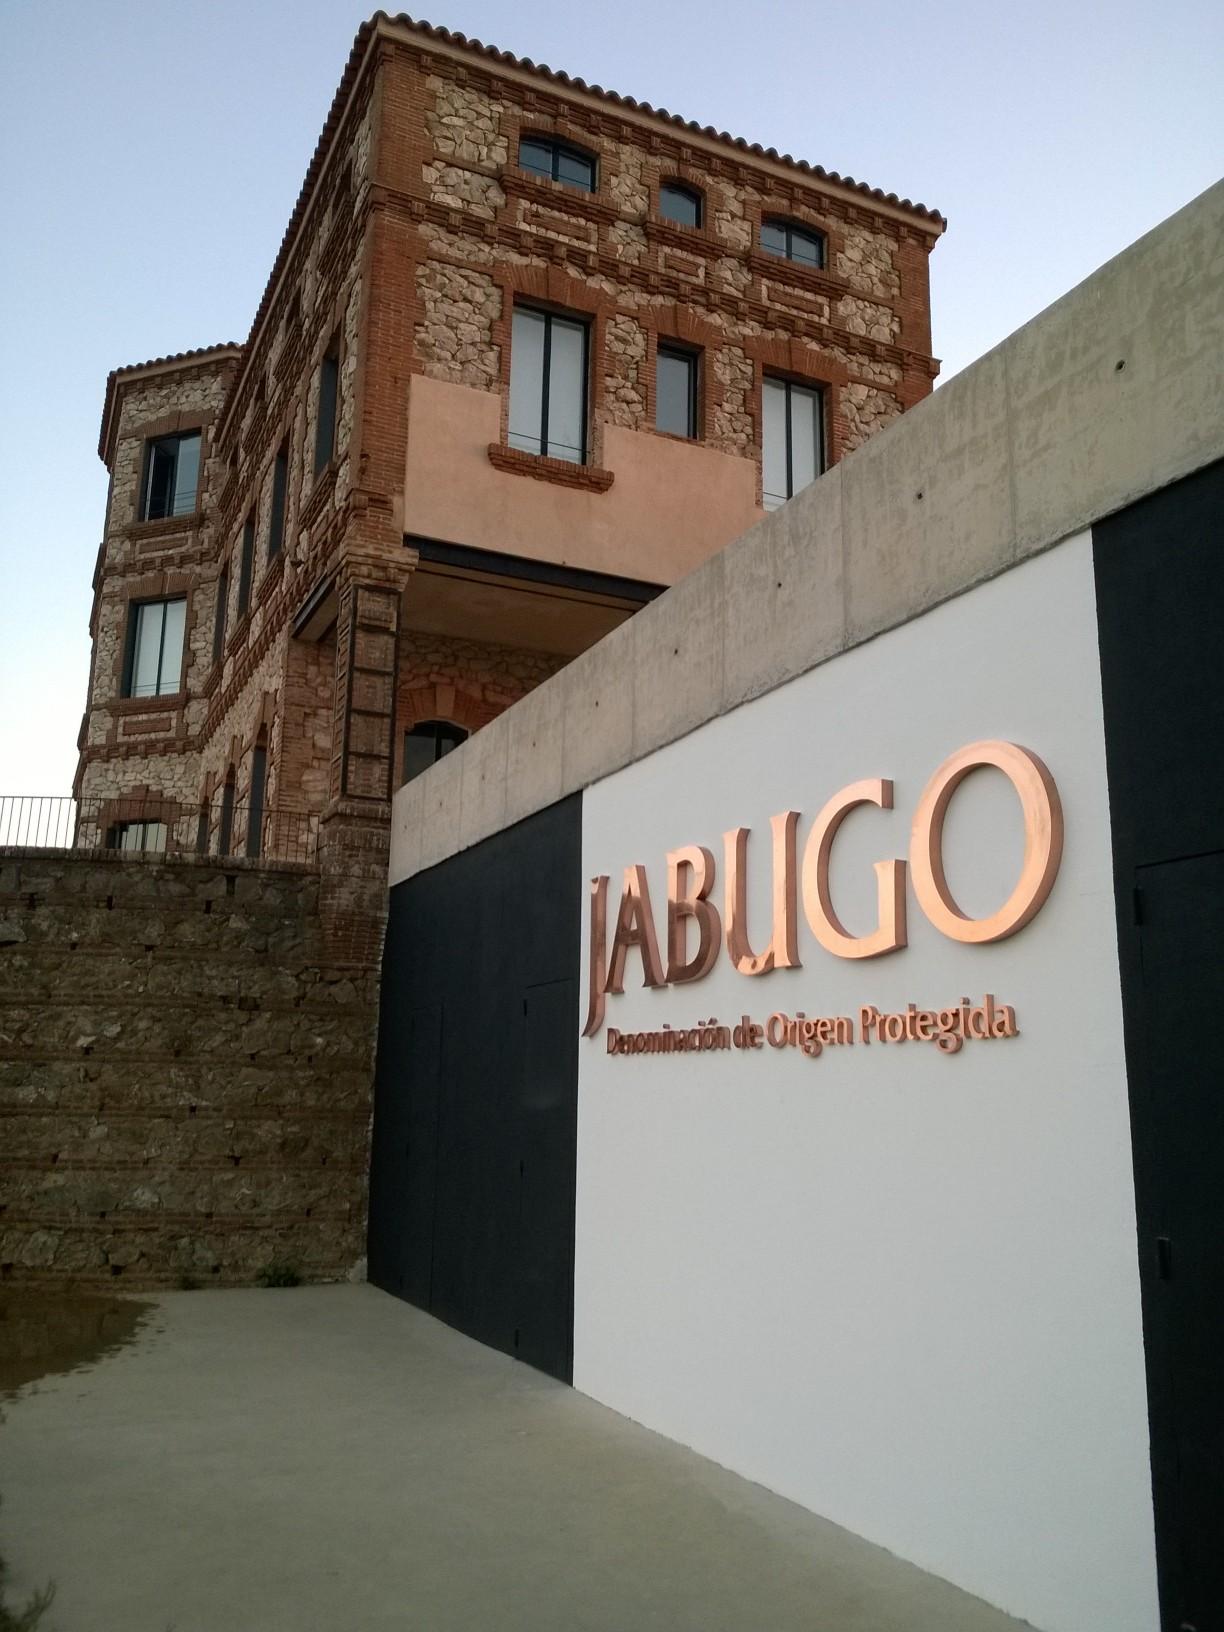 El IX Congreso de Origen España se Inaugura este Jueves en la DOP Jabugo